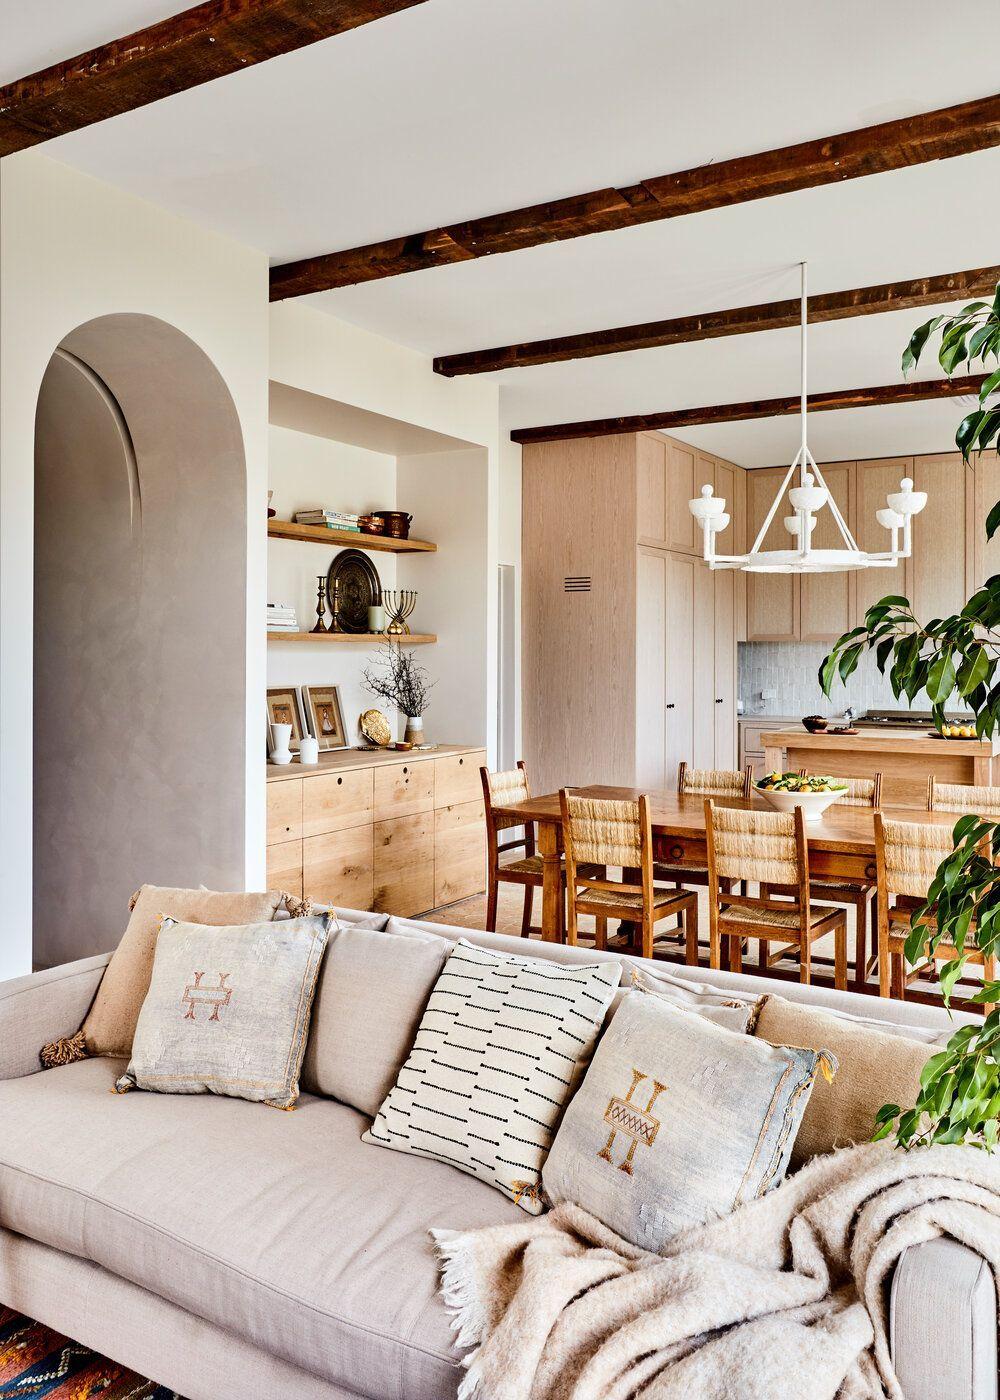 Zona de estar, salón-comedor de tonos claros, naturales revestido de materiales cálidos y sostenibles. Por el Studio Ezra. @Utrillanais